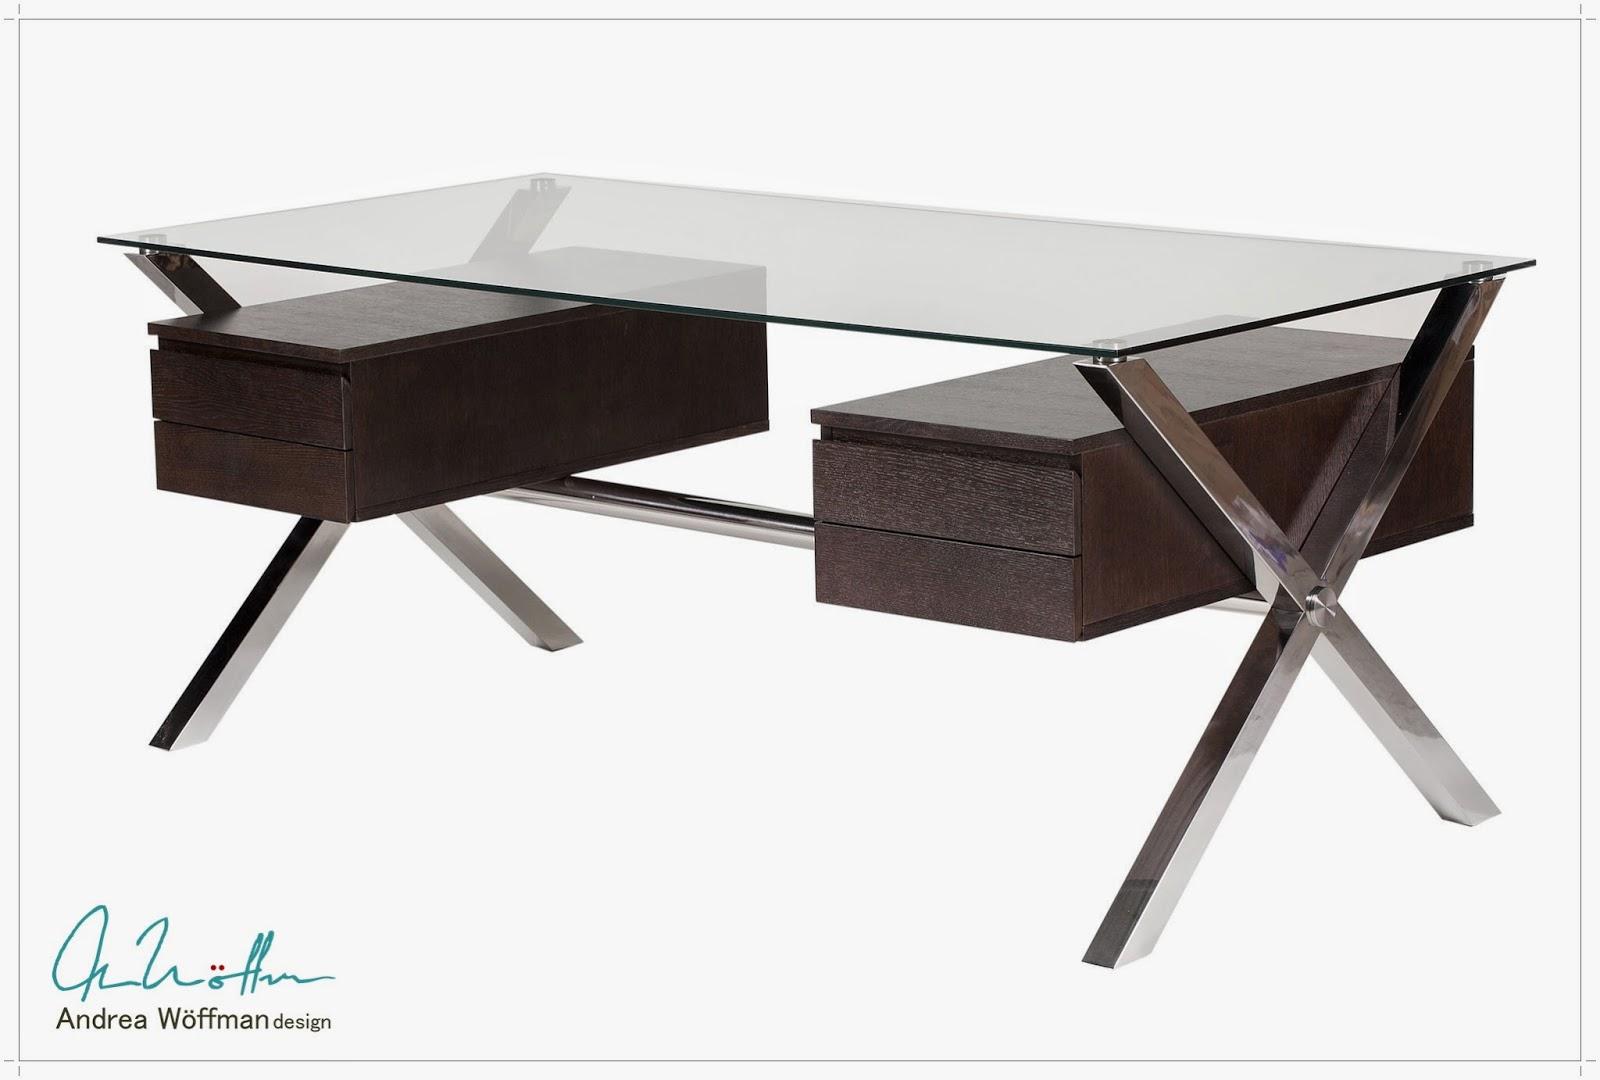 y productos andrea wffman escritorio moderno metal vidrio y madera